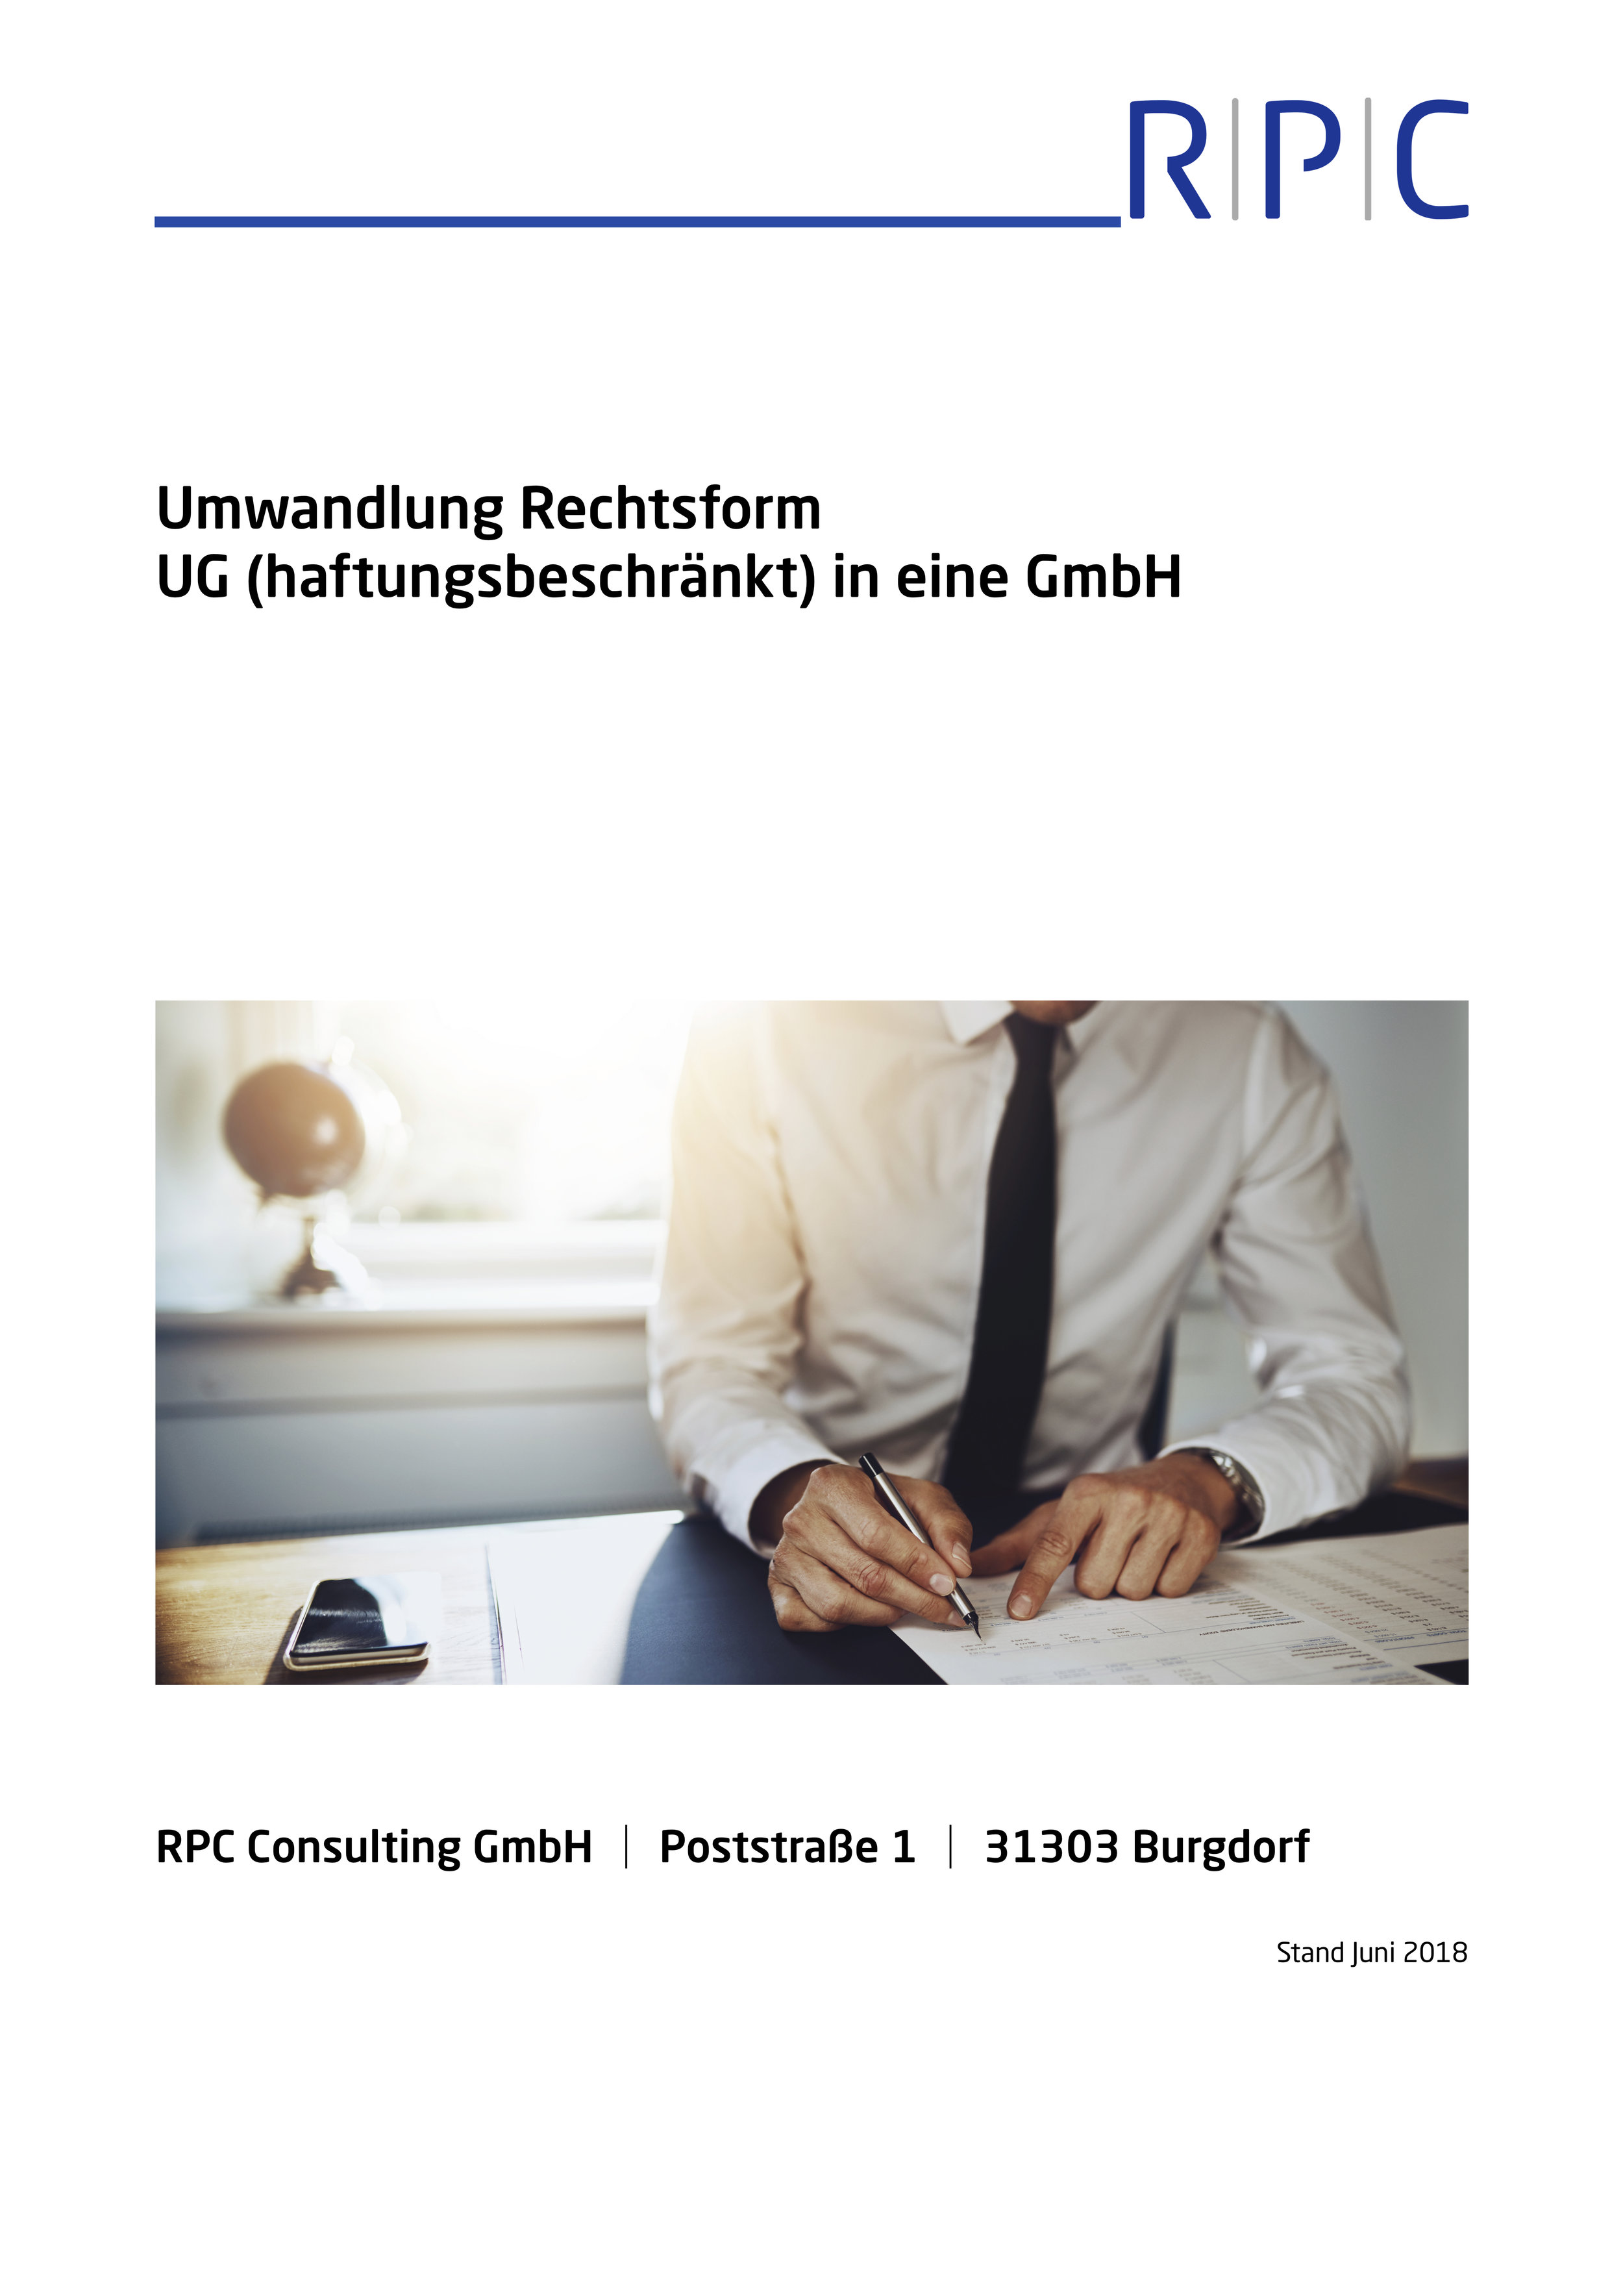 GmbH-Gesetz - Umwandlung Rechtsform UG (haftungsbeschränkt) in GmbH